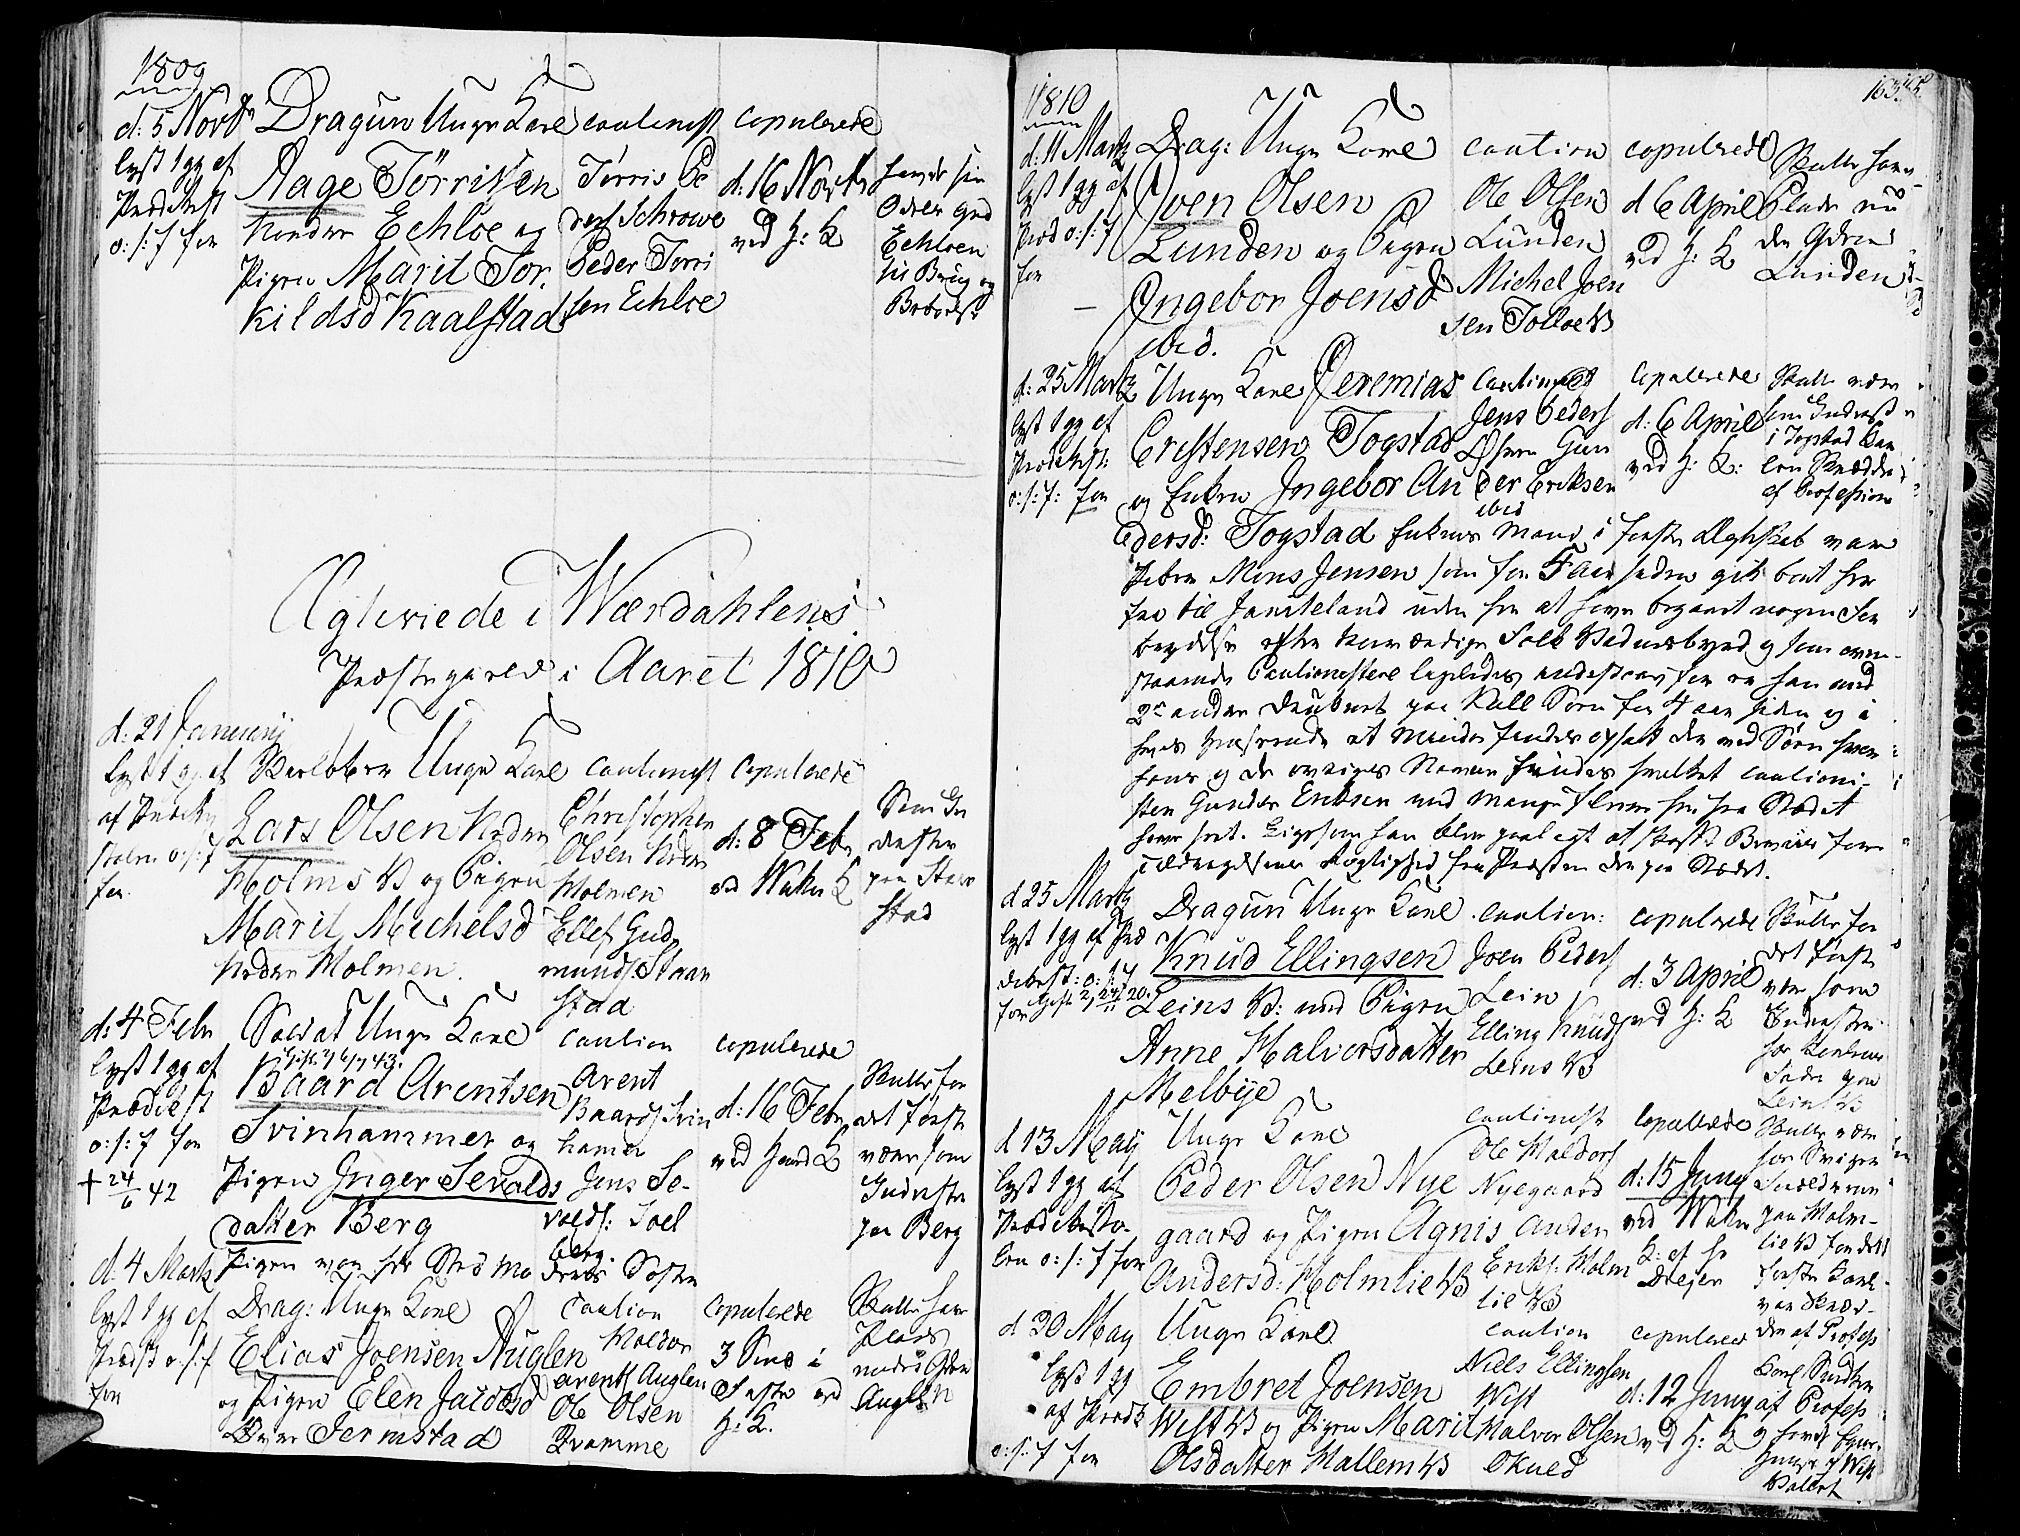 SAT, Ministerialprotokoller, klokkerbøker og fødselsregistre - Nord-Trøndelag, 723/L0233: Ministerialbok nr. 723A04, 1805-1816, s. 163